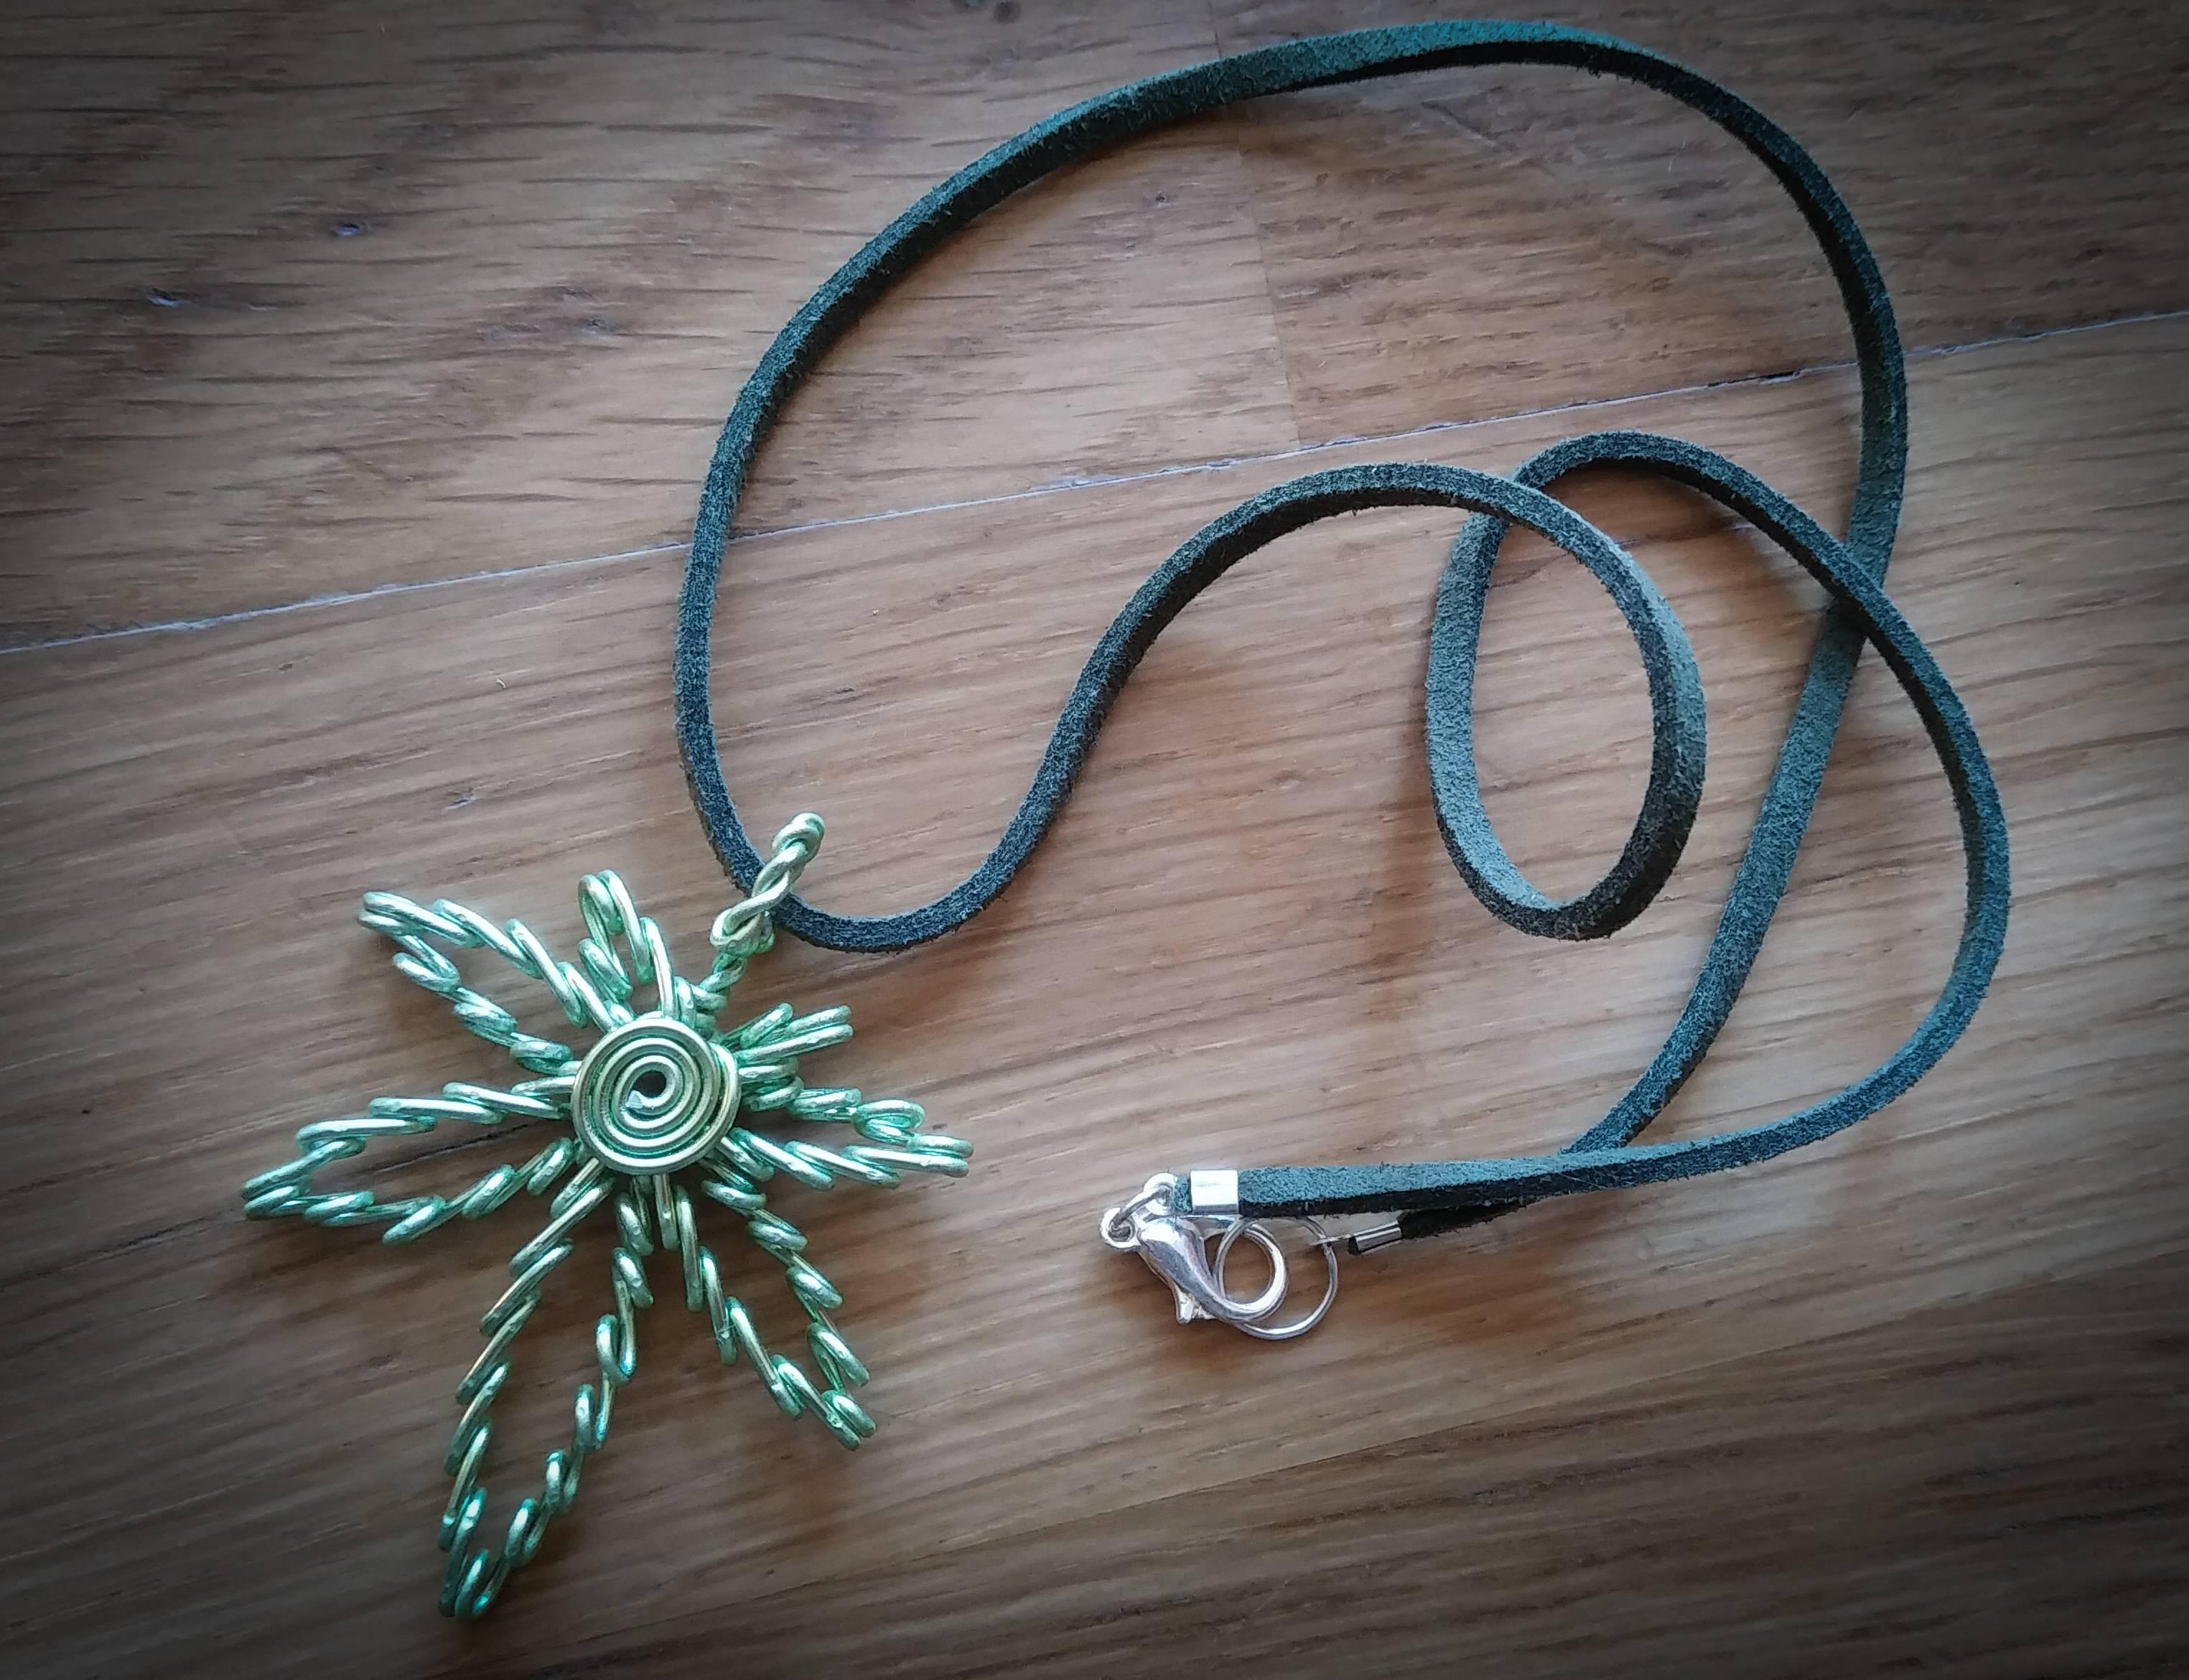 bijoux motif végétal